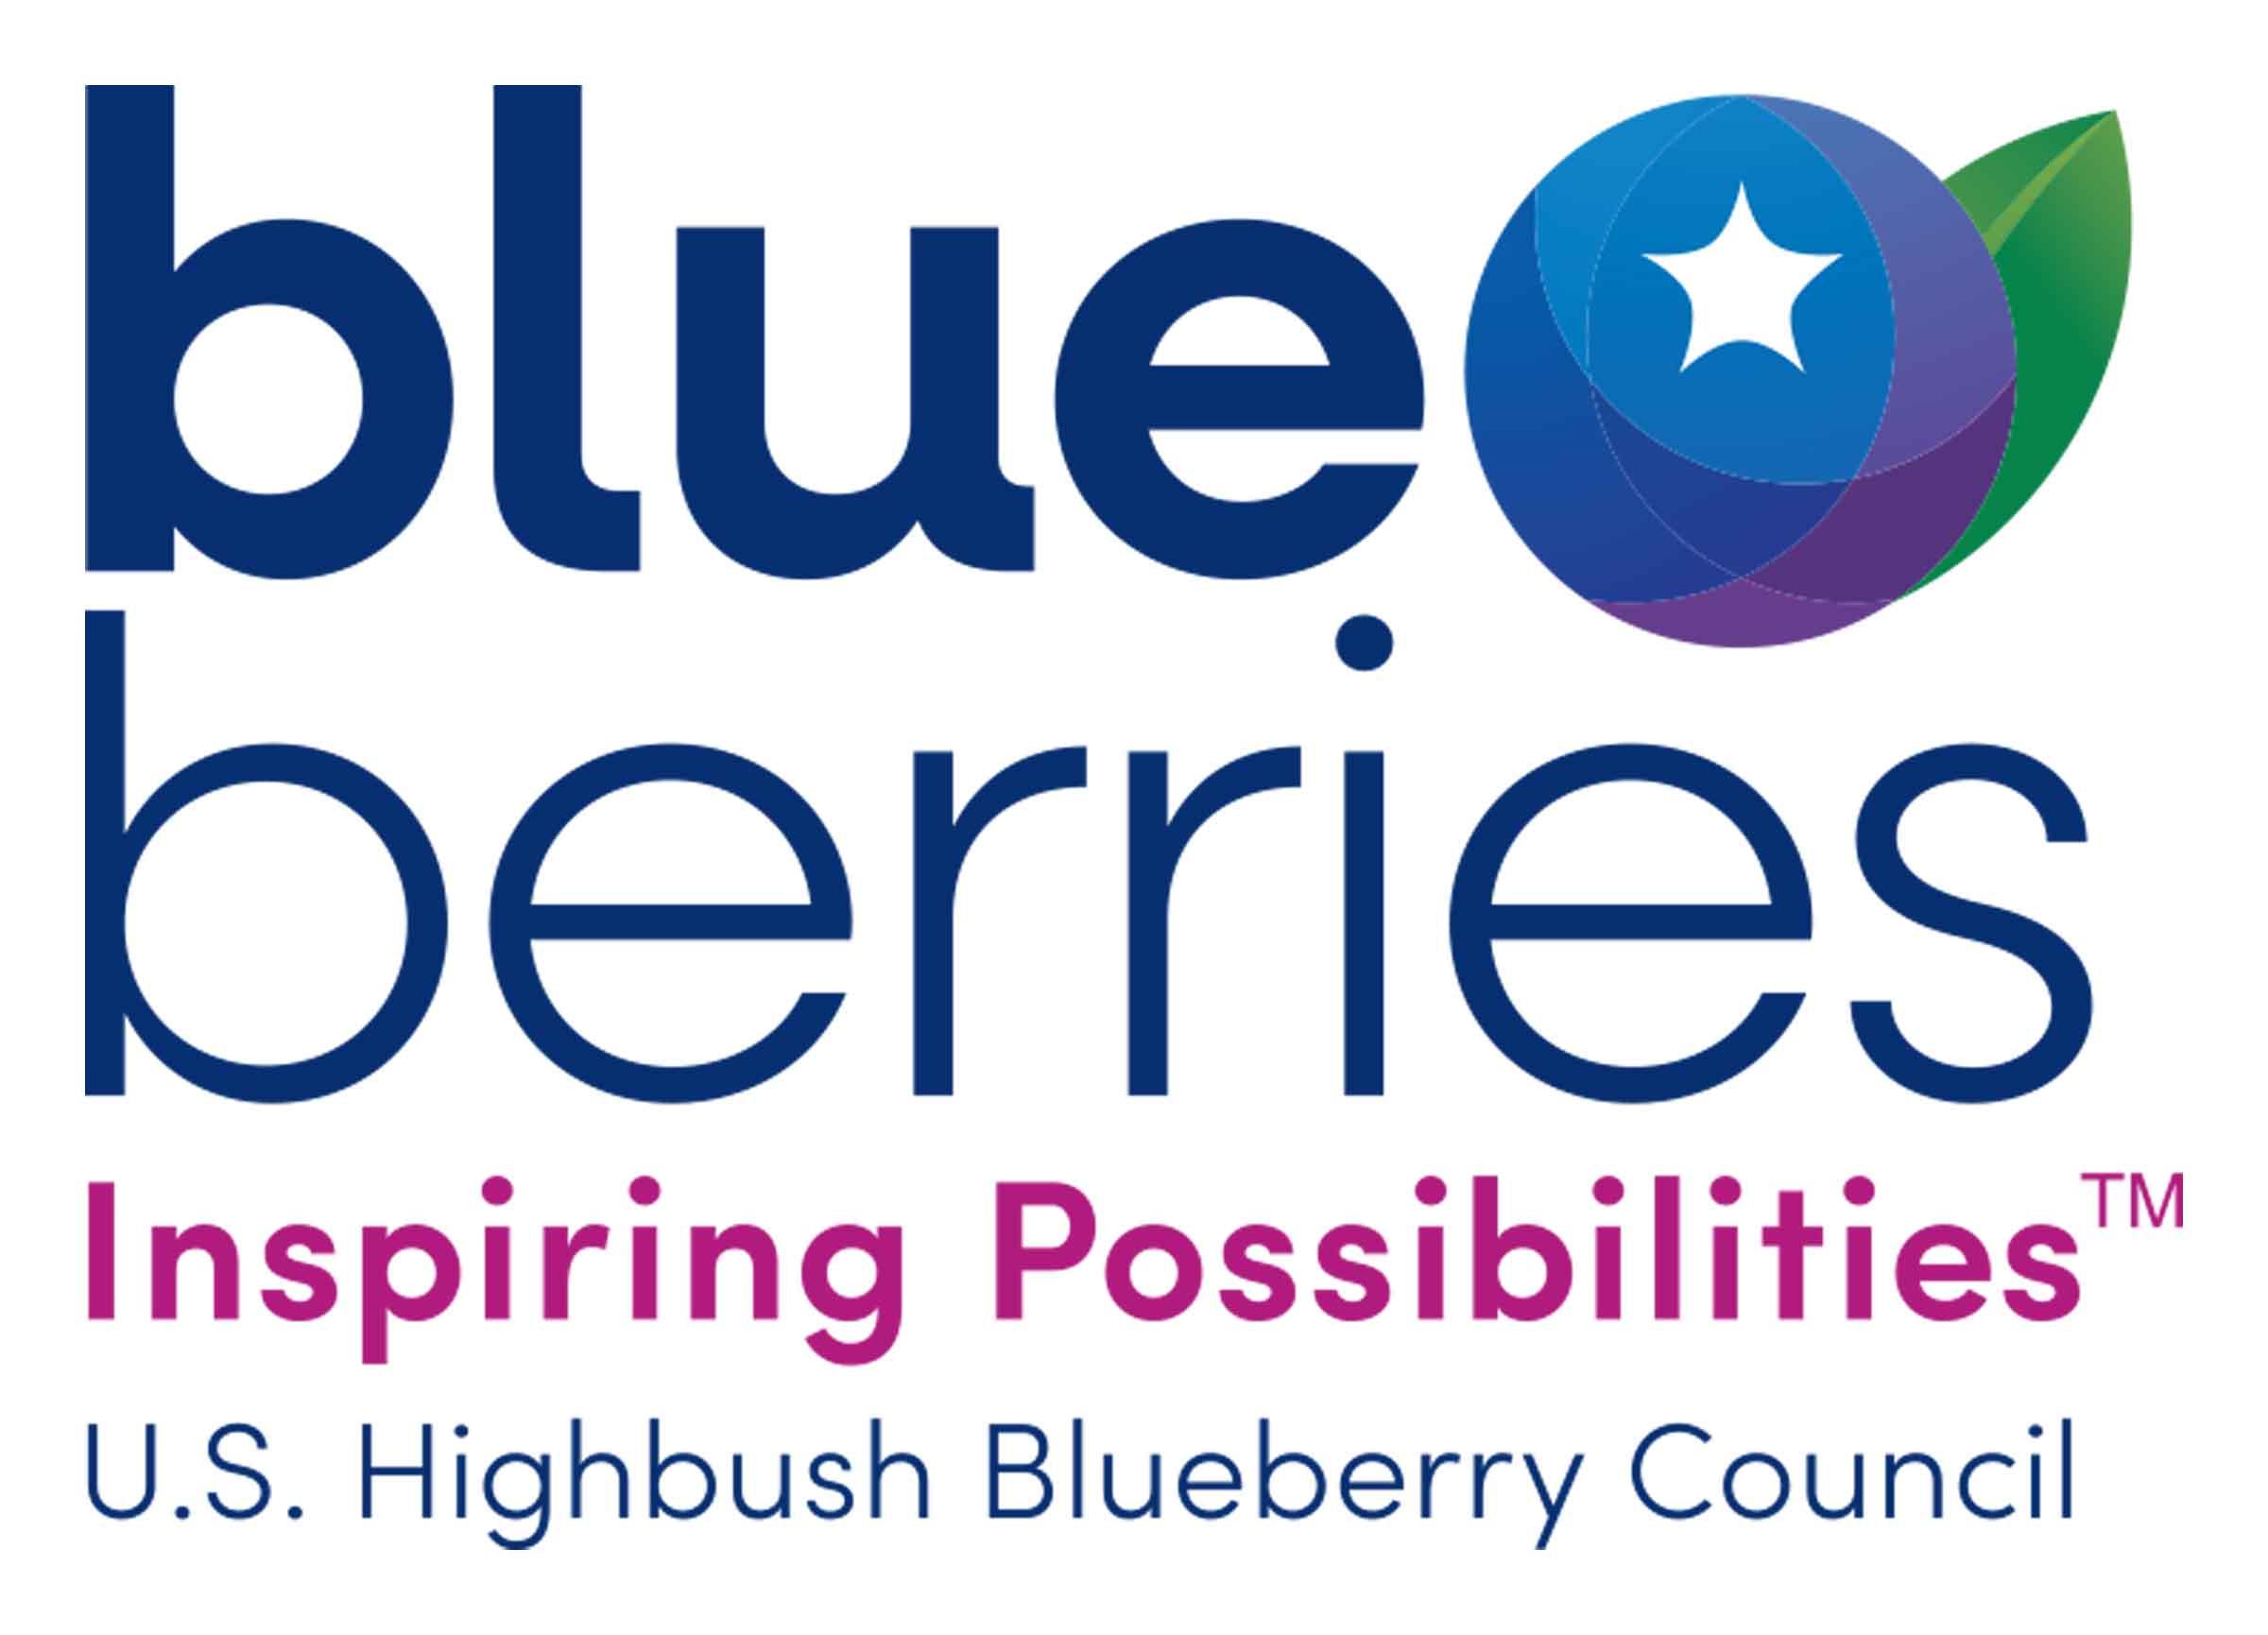 U.S. Highbush Blueberry logo